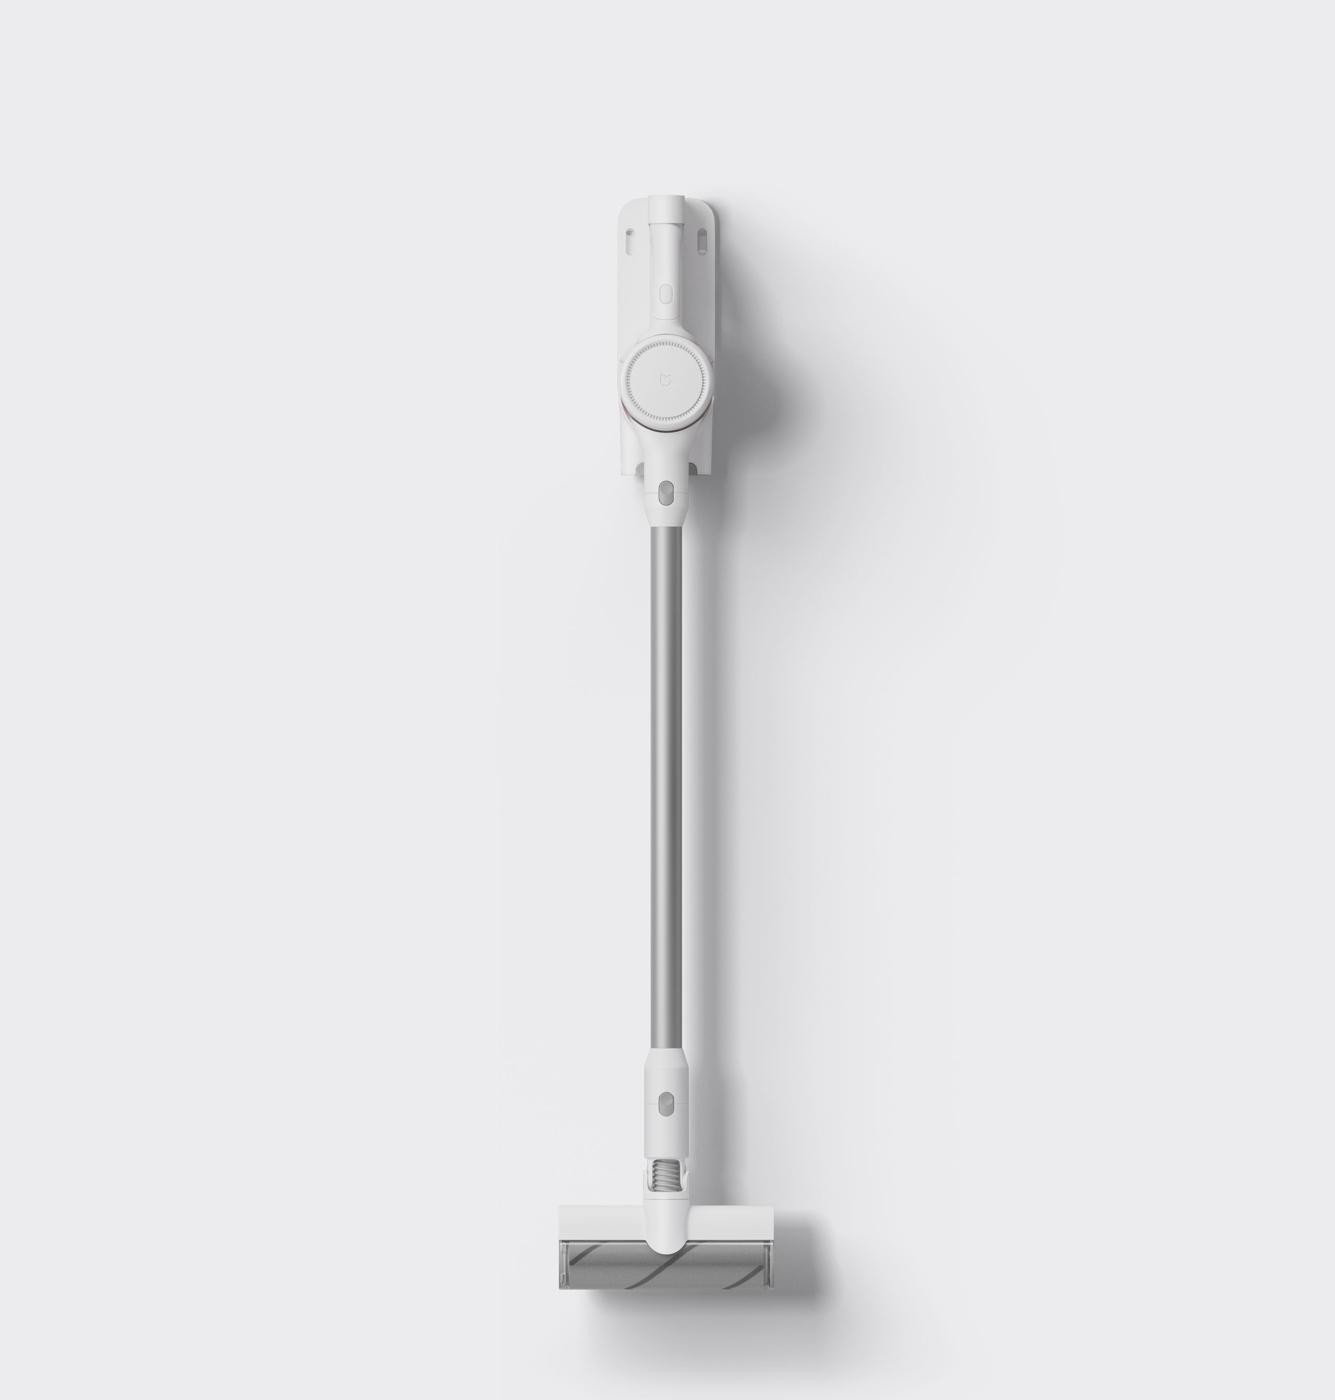 小米 2019新上市 米家手持無線吸塵器 性能媲美戴森dyson  gtech小綠